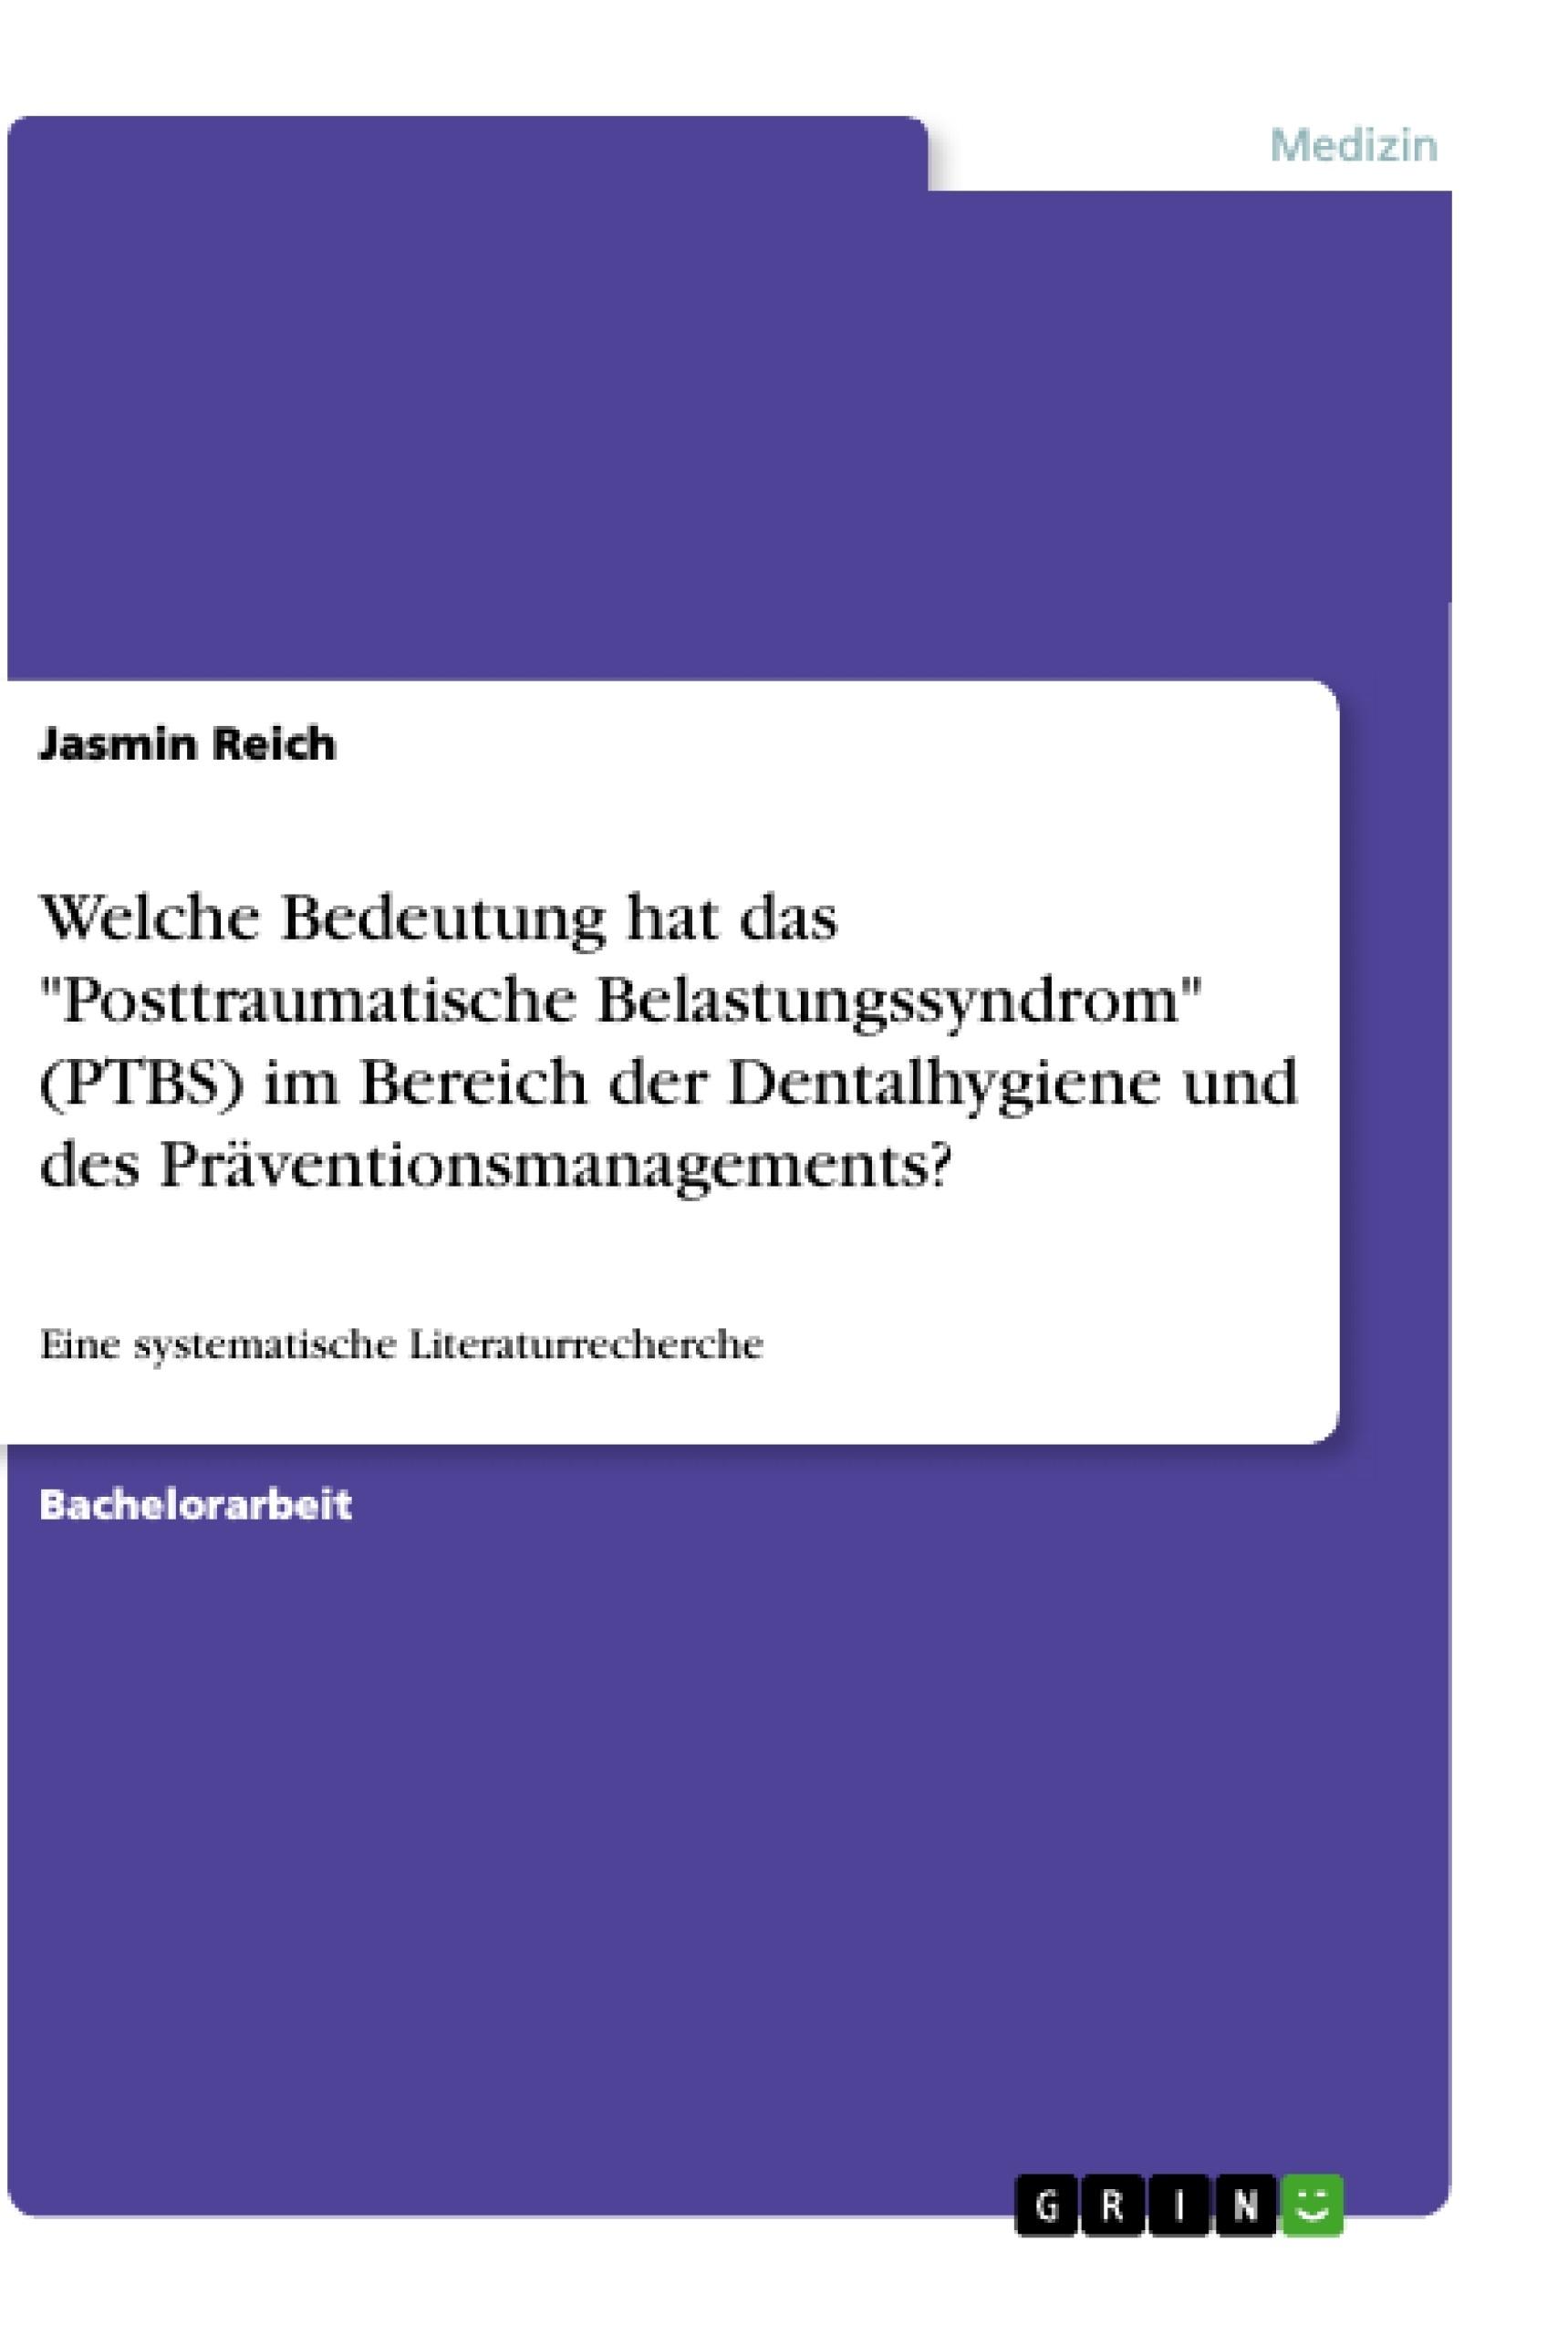 """Titel: Welche Bedeutung hat das """"Posttraumatische Belastungssyndrom"""" (PTBS) im Bereich der Dentalhygiene und des Präventionsmanagements?"""